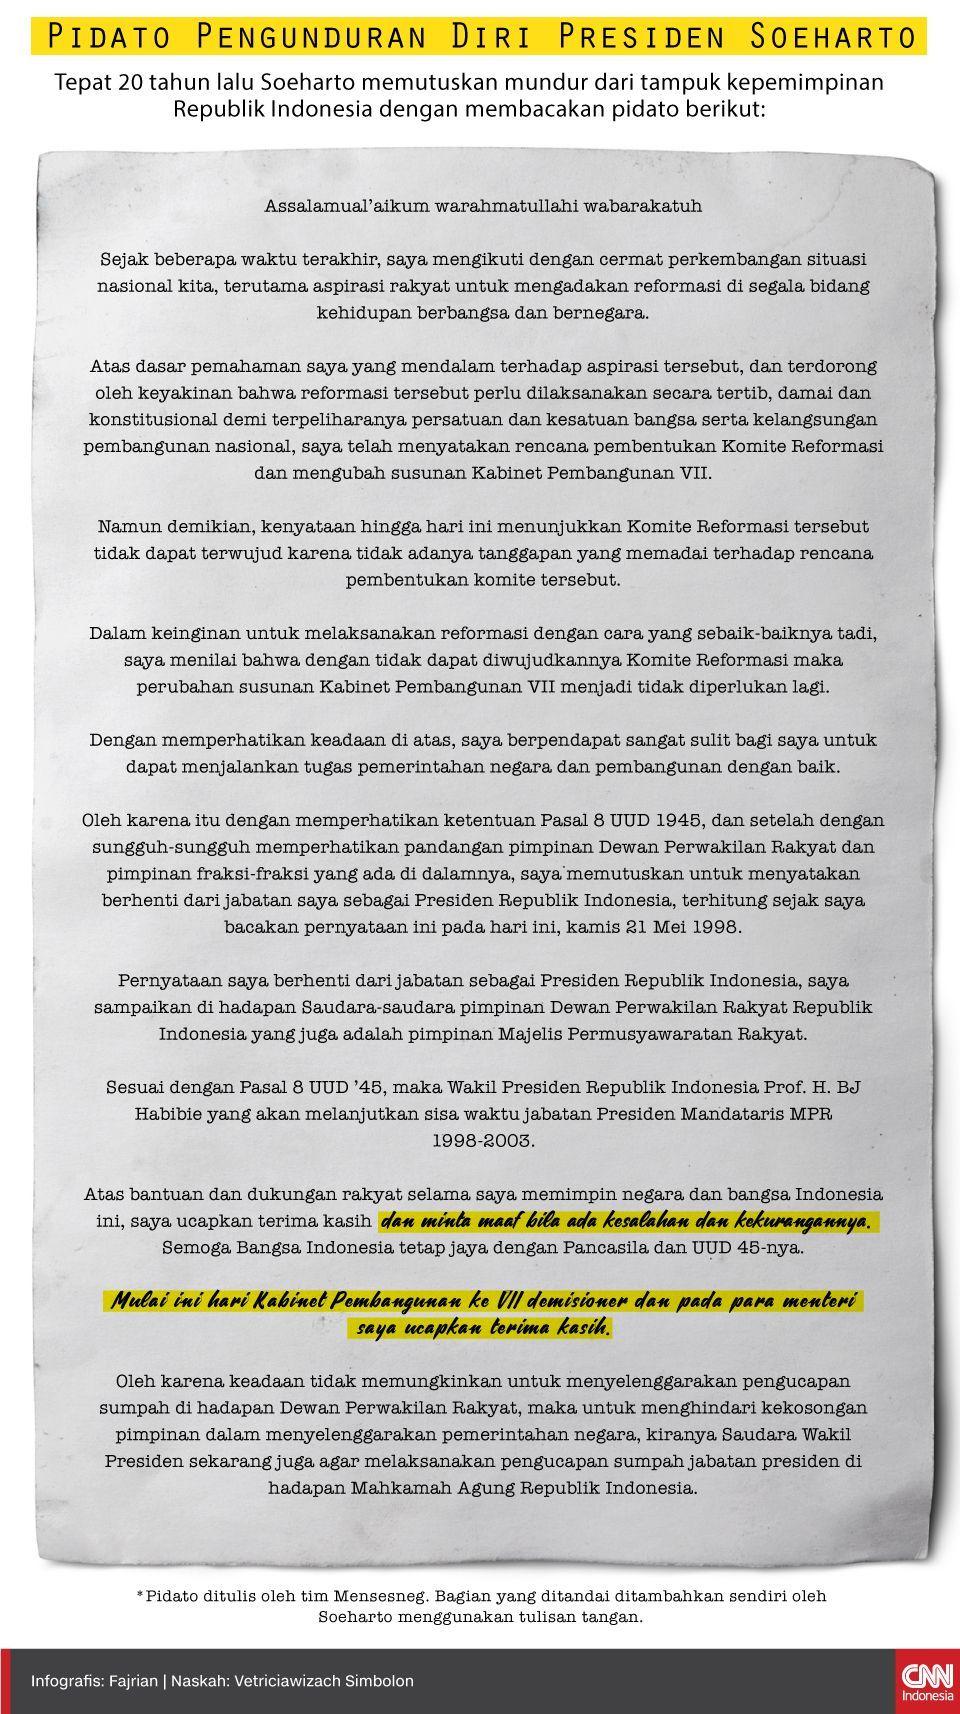 Tepat 20 tahun lalu Soeharto memutuskan mundur dari tampuk kepemimpinan Republik Indonesia dengan membacakan pidato berikut: